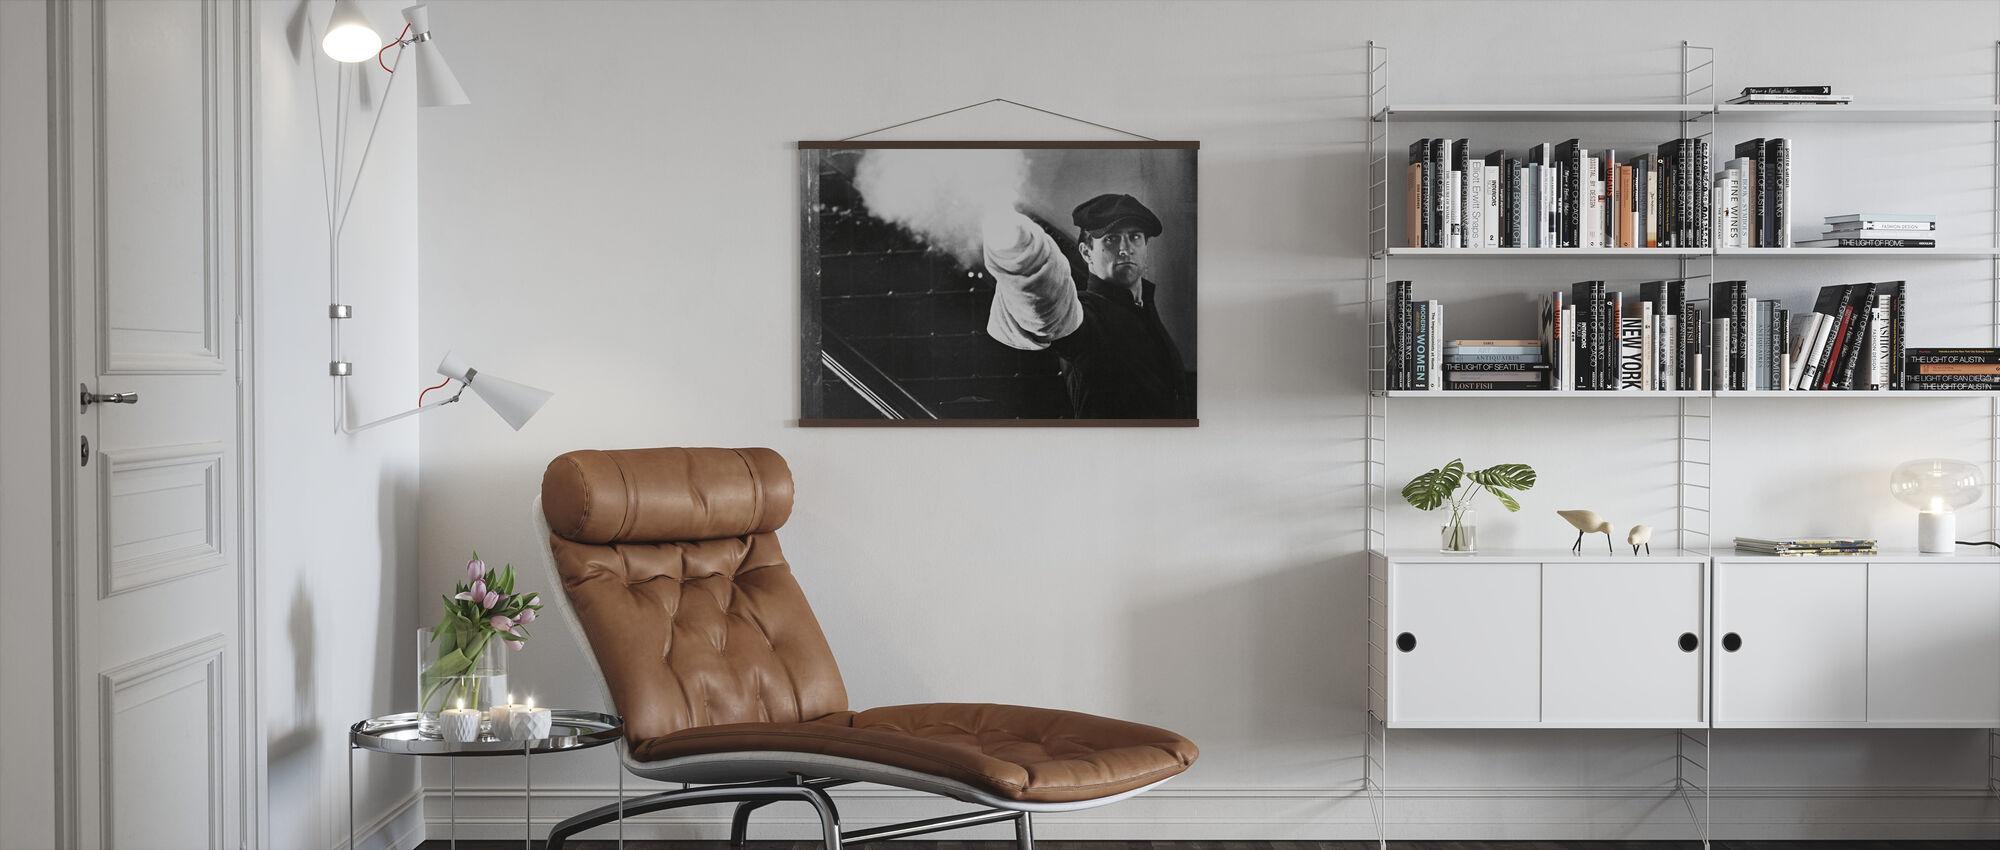 Robert De Niro im Pate Teil II - Poster - Wohnzimmer